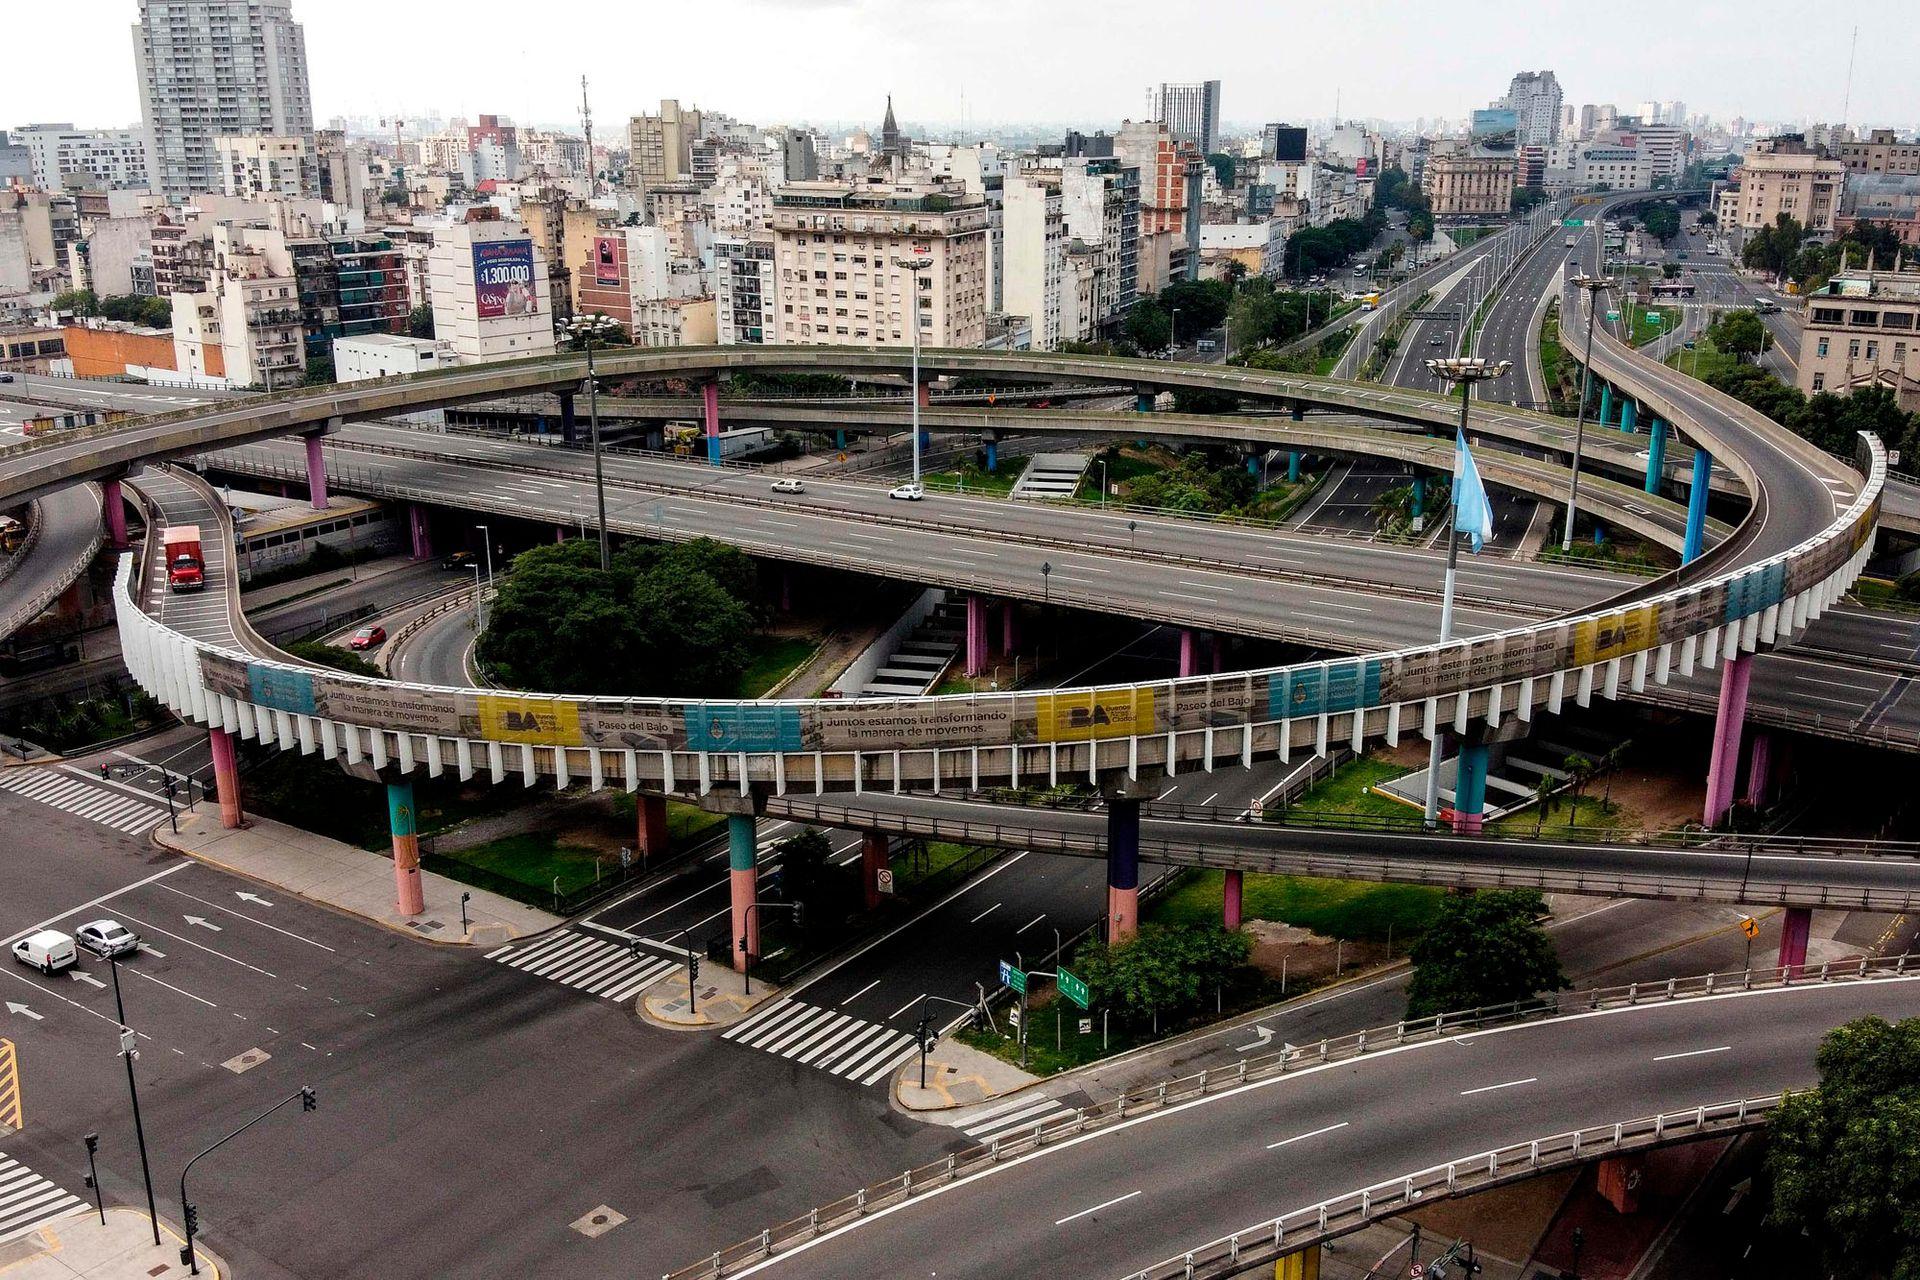 Vista de la autopista vacía en plena ciudad de Buenos Aires